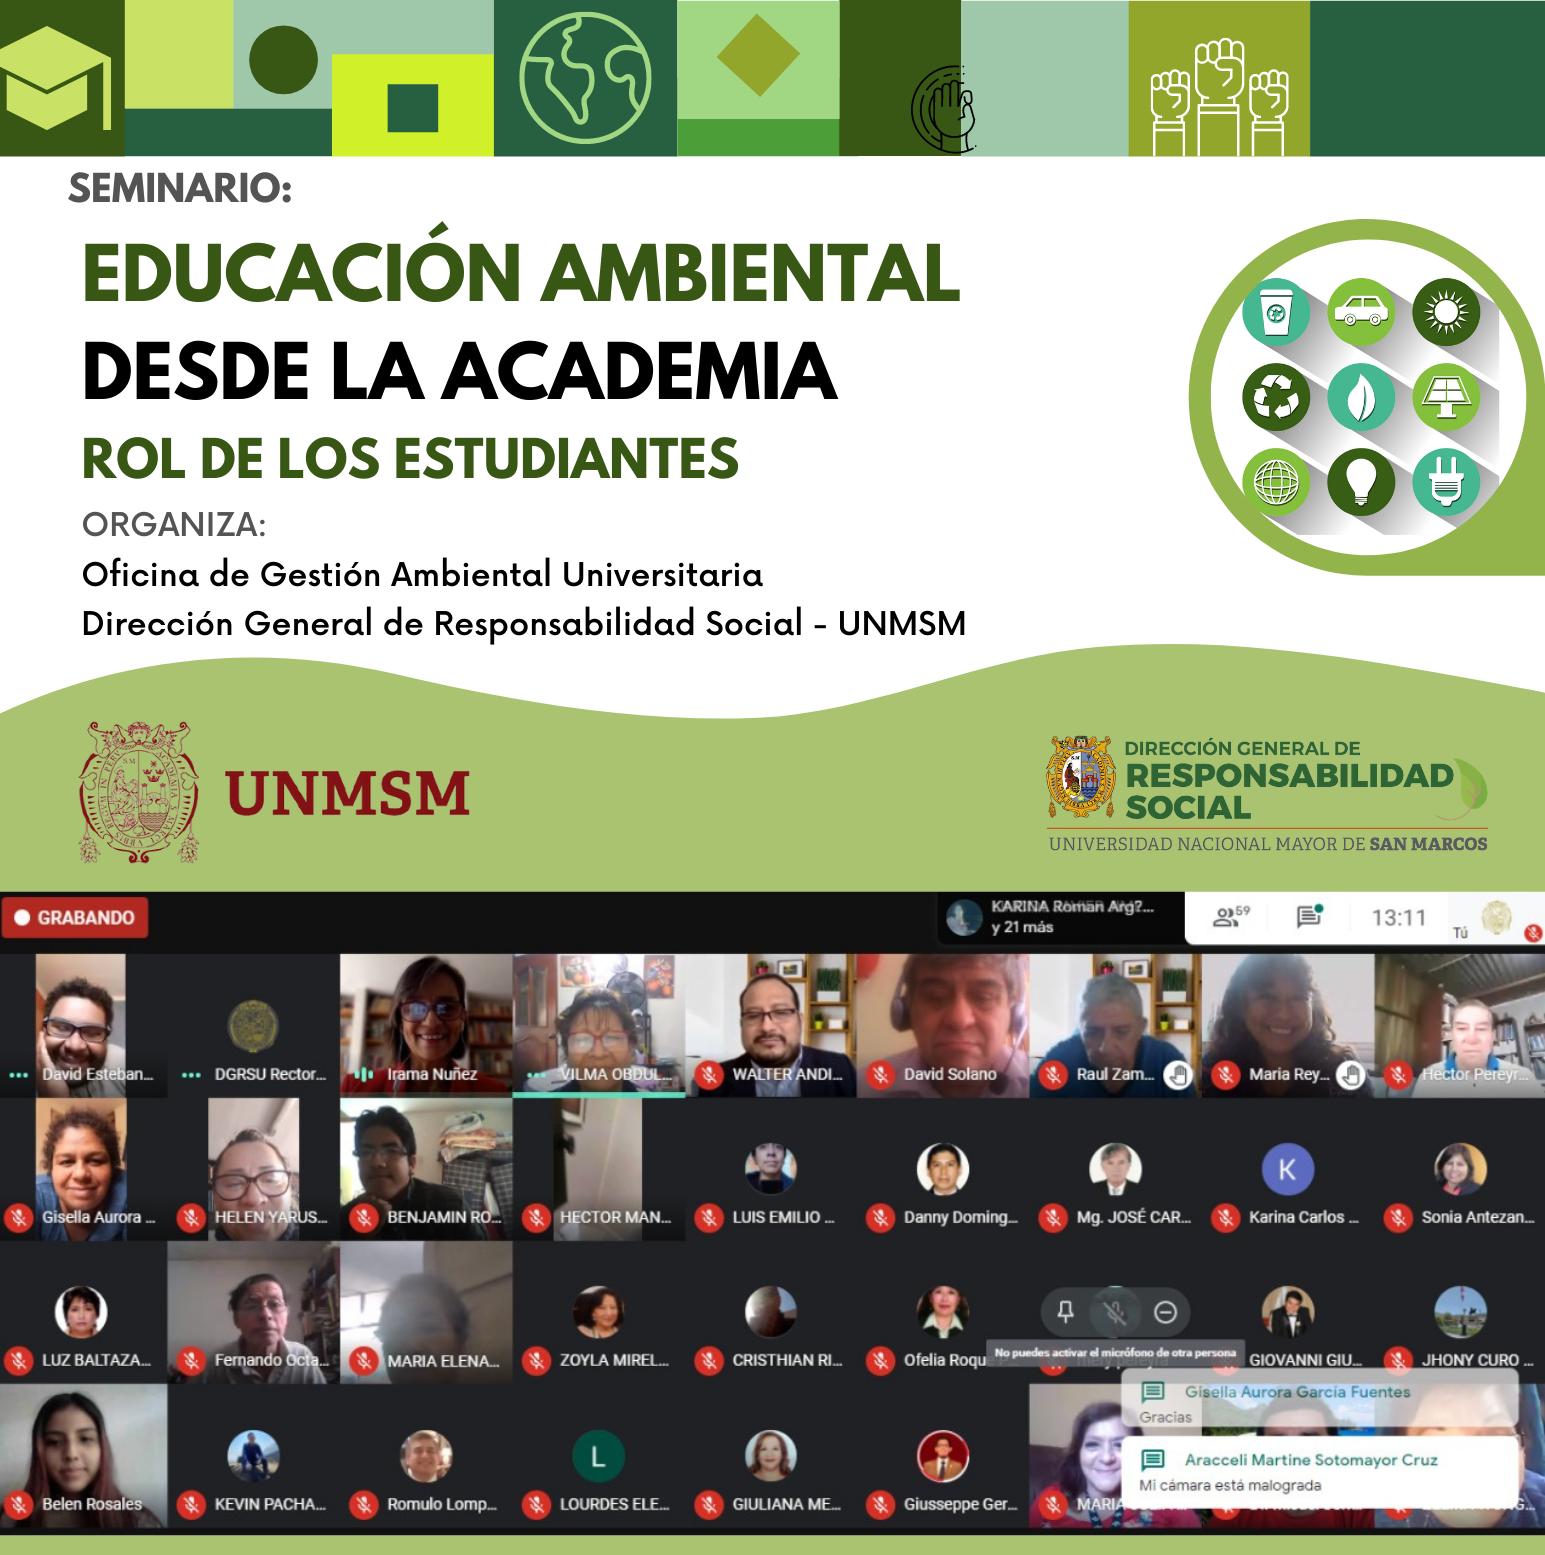 """Oficina de Gestión Ambiental Universitaria organiza Seminario """"Educación Ambiental desde la academia: Rol de los estudiantes"""""""